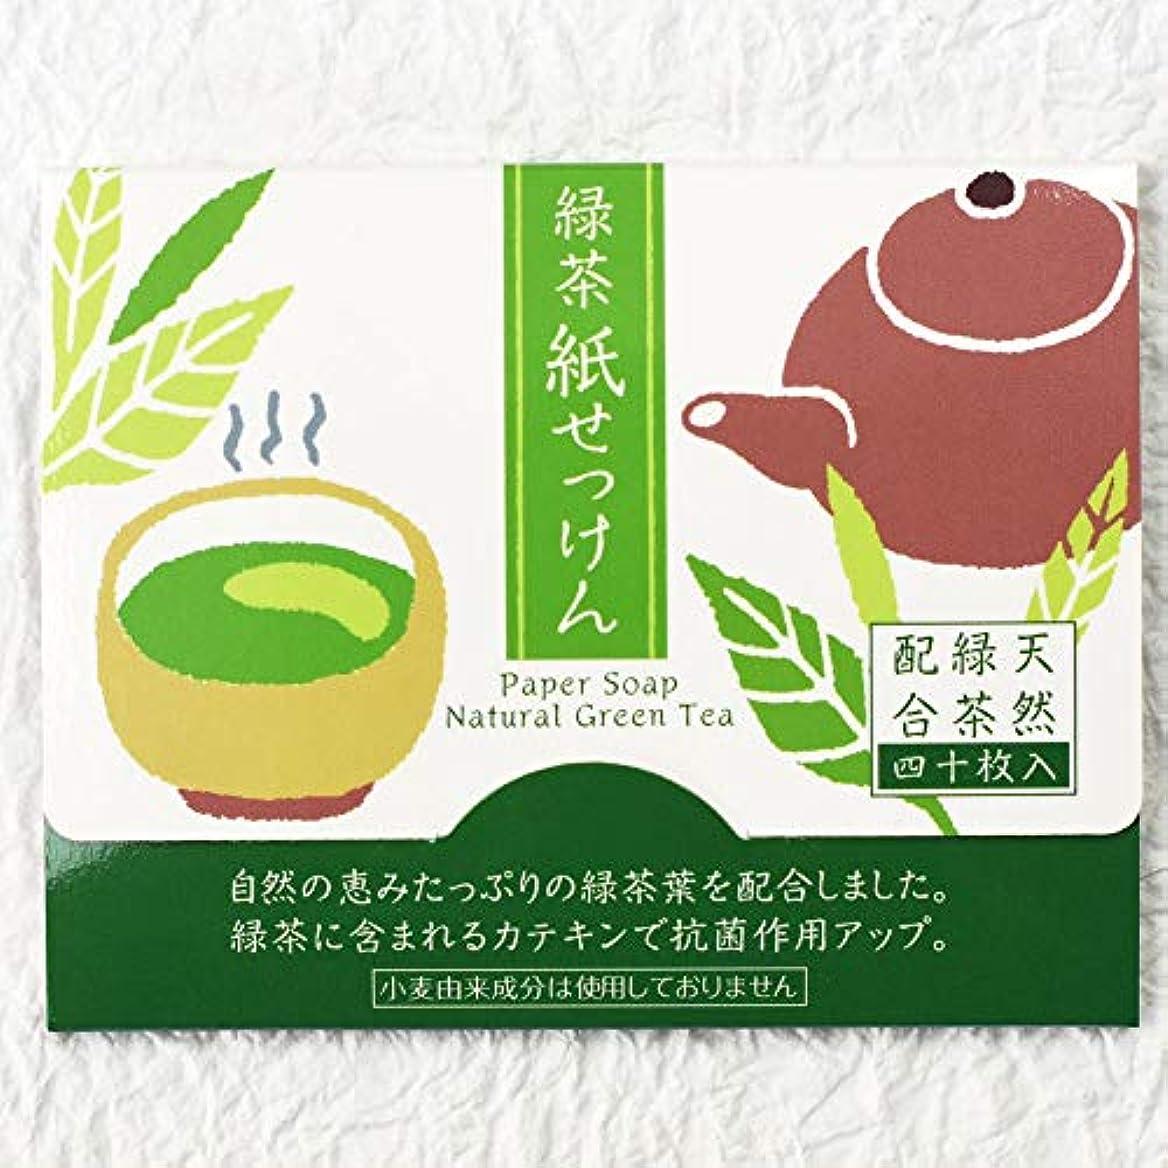 減らす慣習アイデア表現社 紙せっけん 天然緑茶配合 22-289